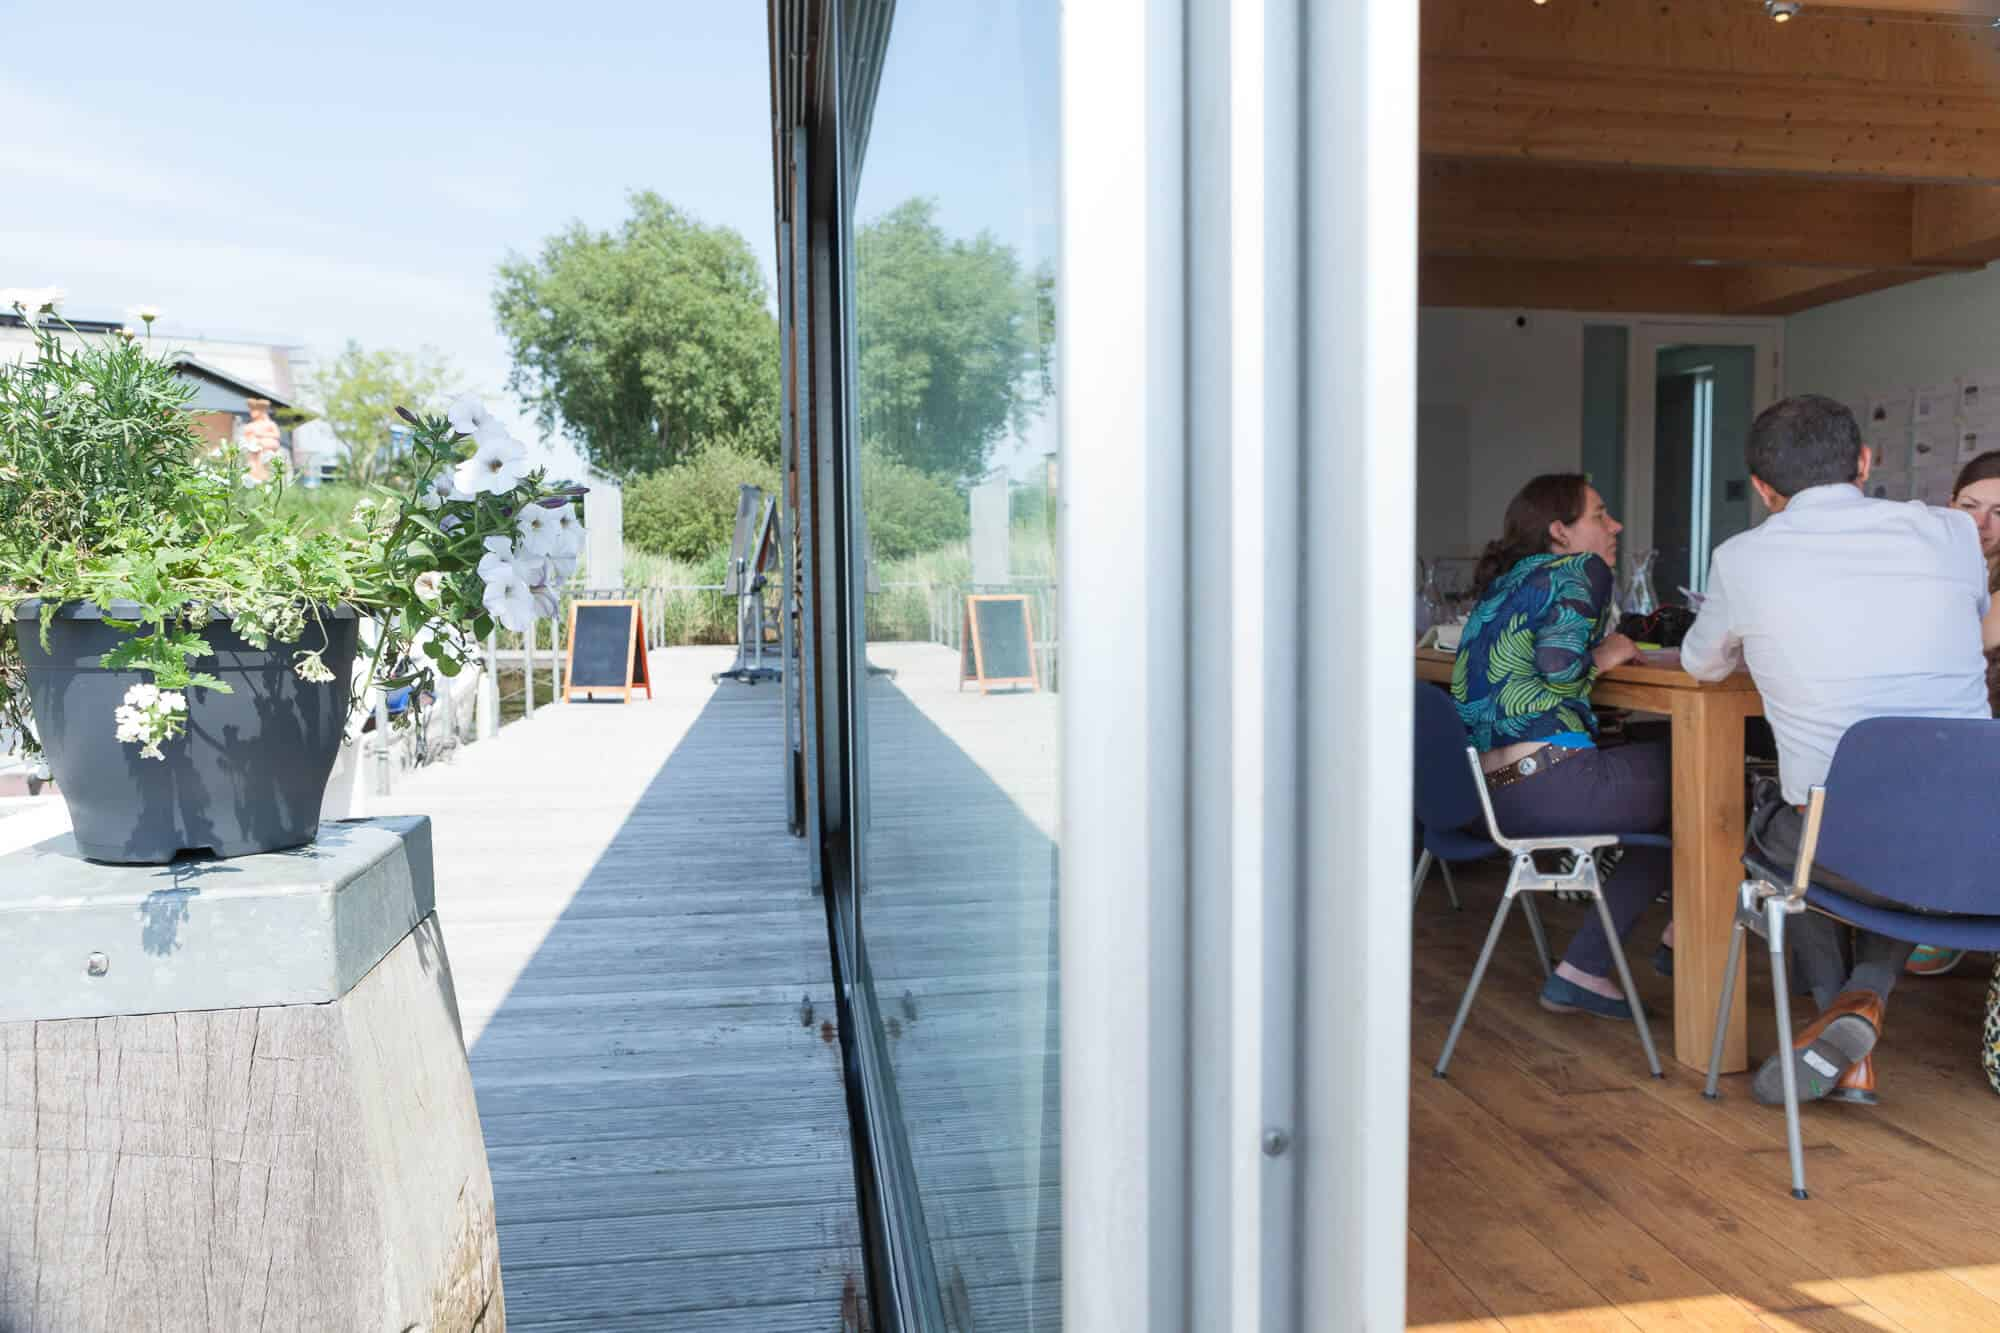 Home-geWoonboot bijzondere vergaderlocatie Amsterdam